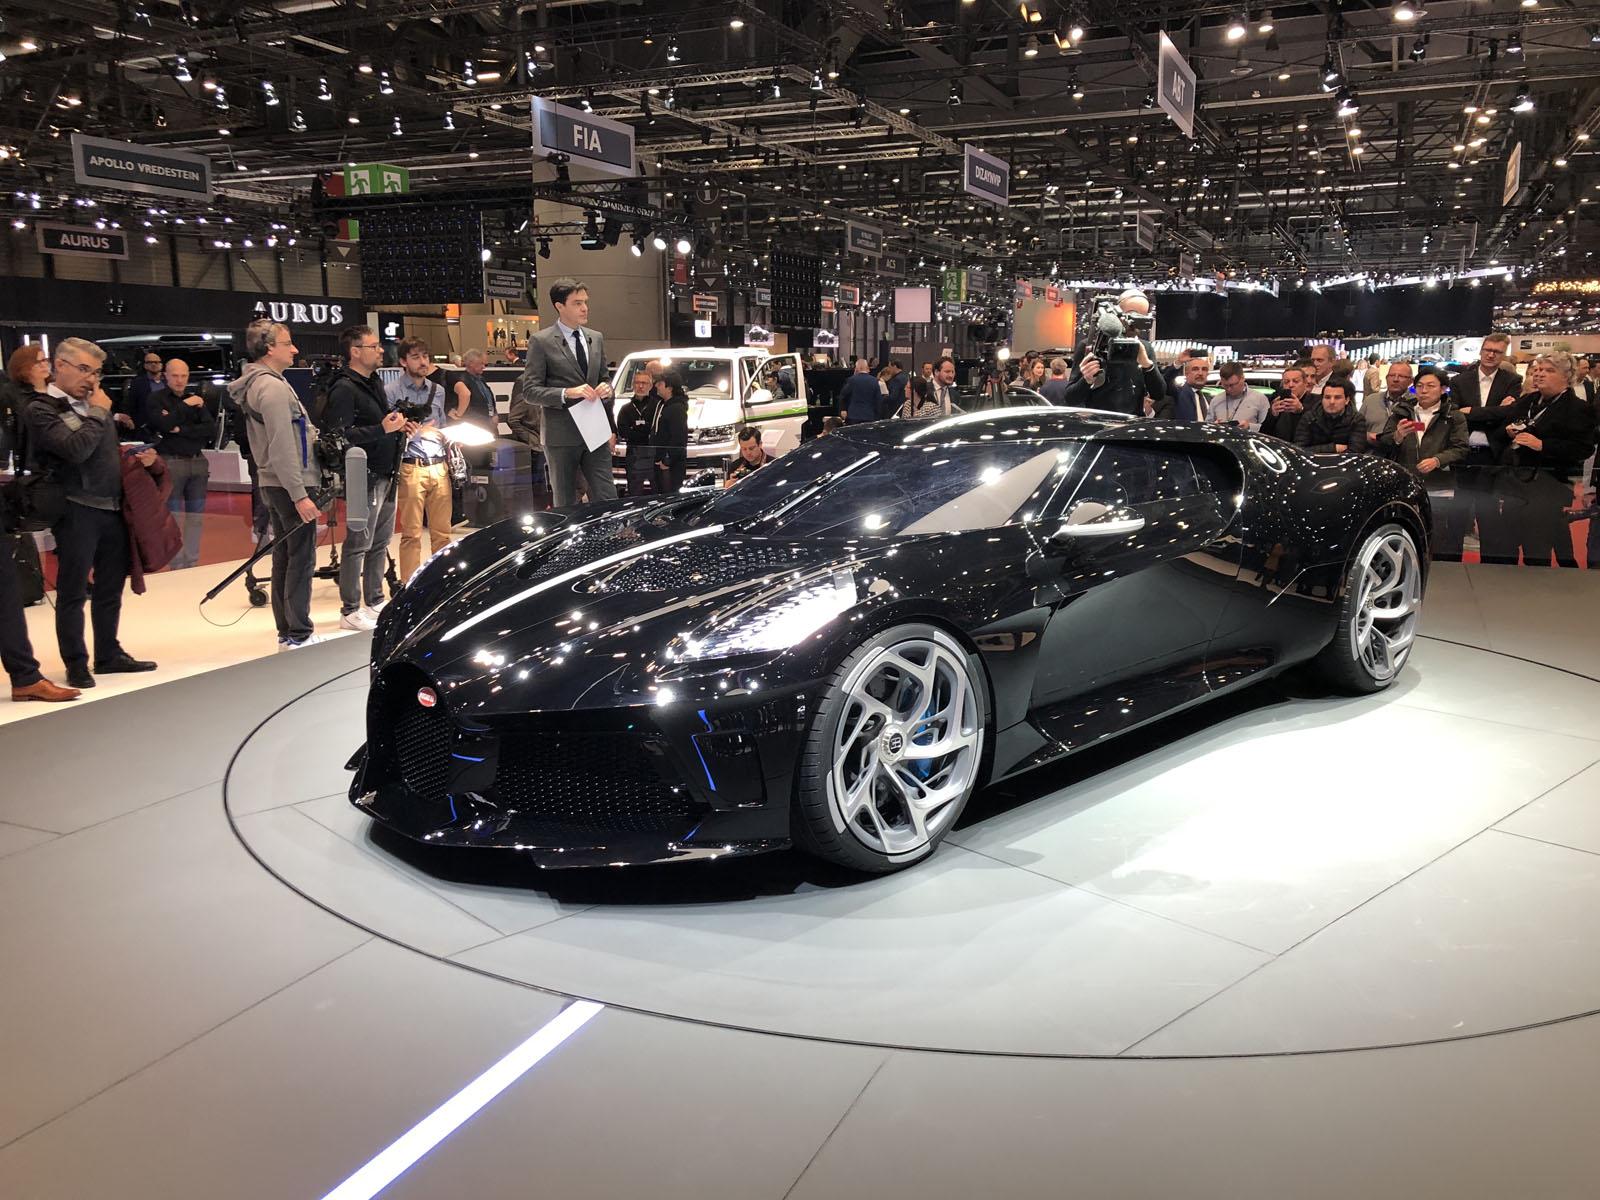 bugatti la voiture noire geneva pictures gallery and quick info